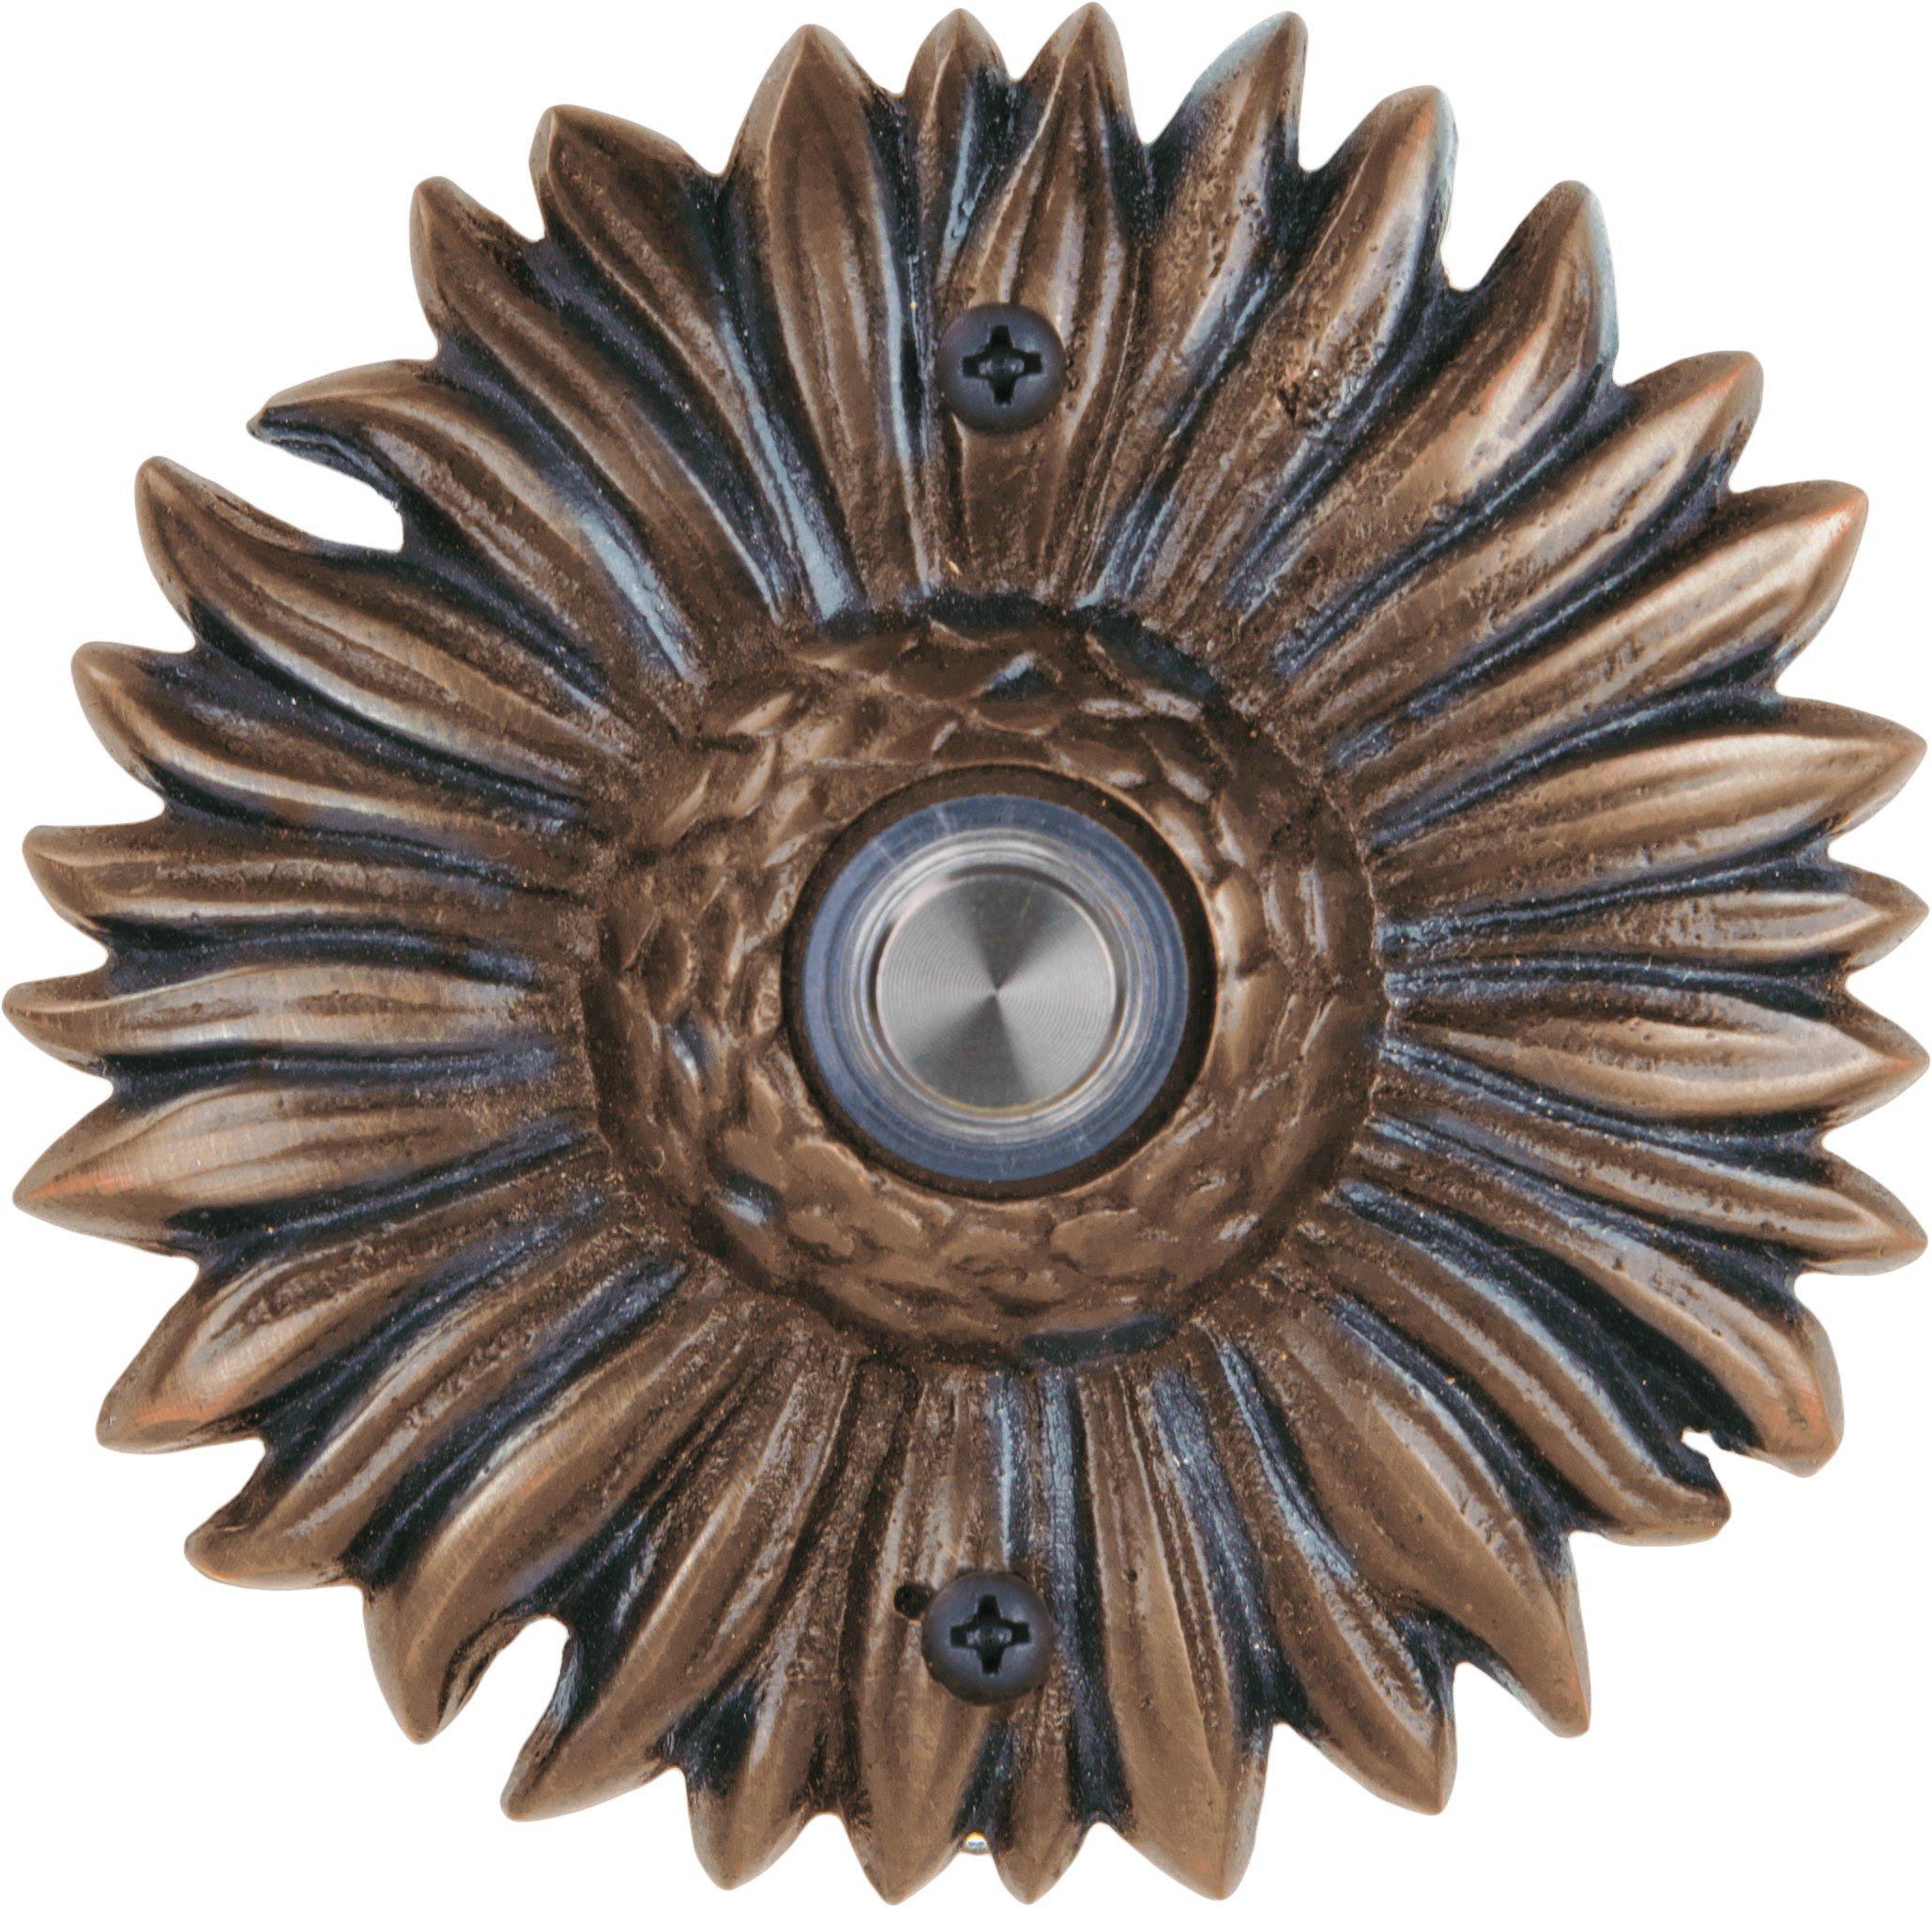 Waterwood Solid Brass Sunflower Doorbell in Oil Rubbed Bronze by Waterwood